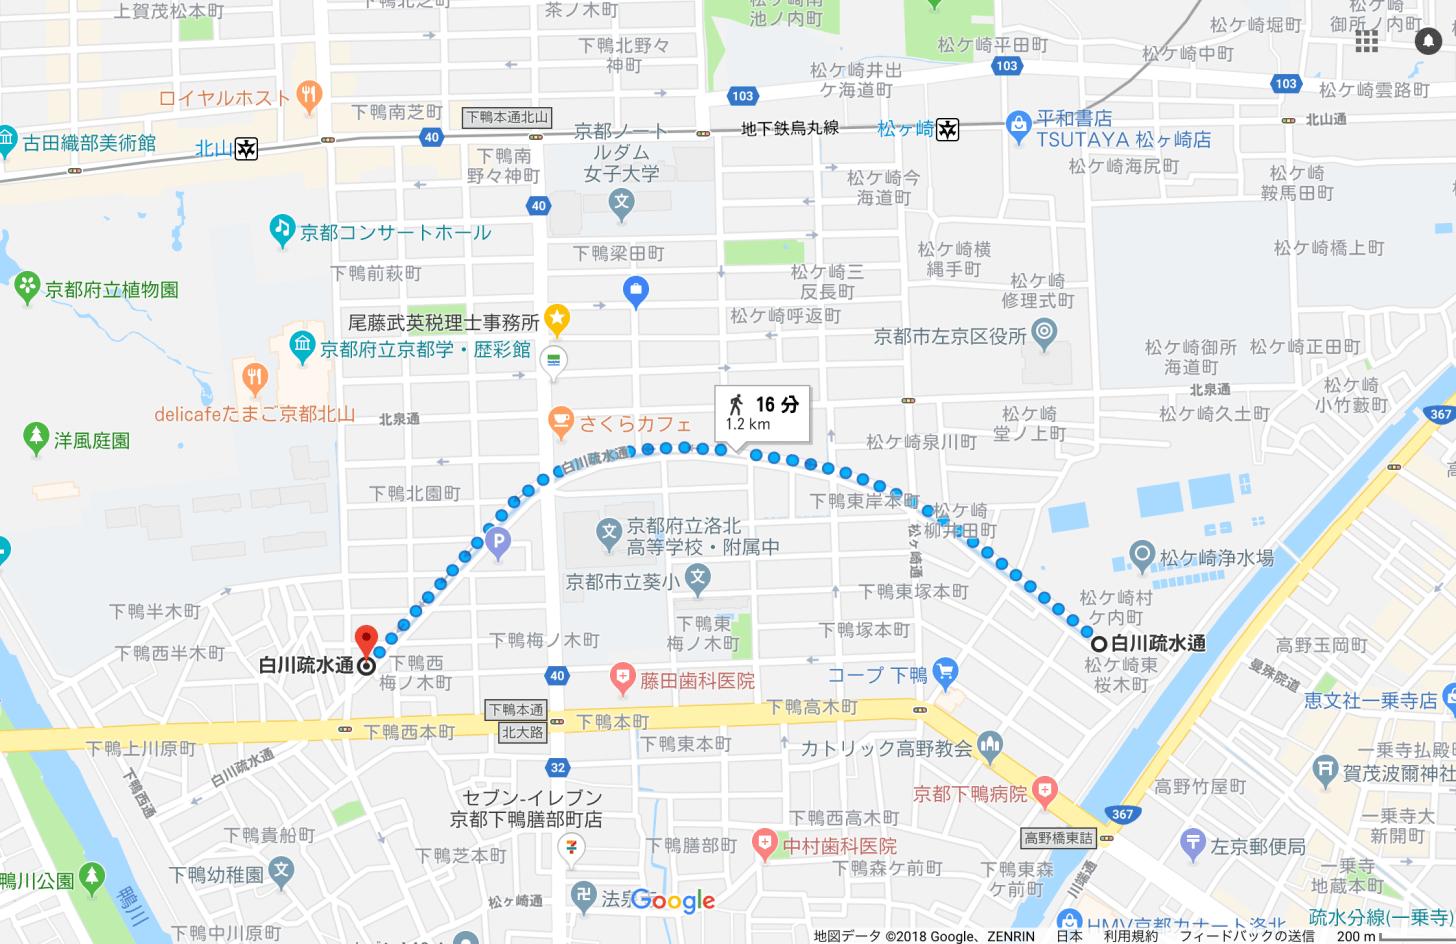 松ヶ崎疎水の場所